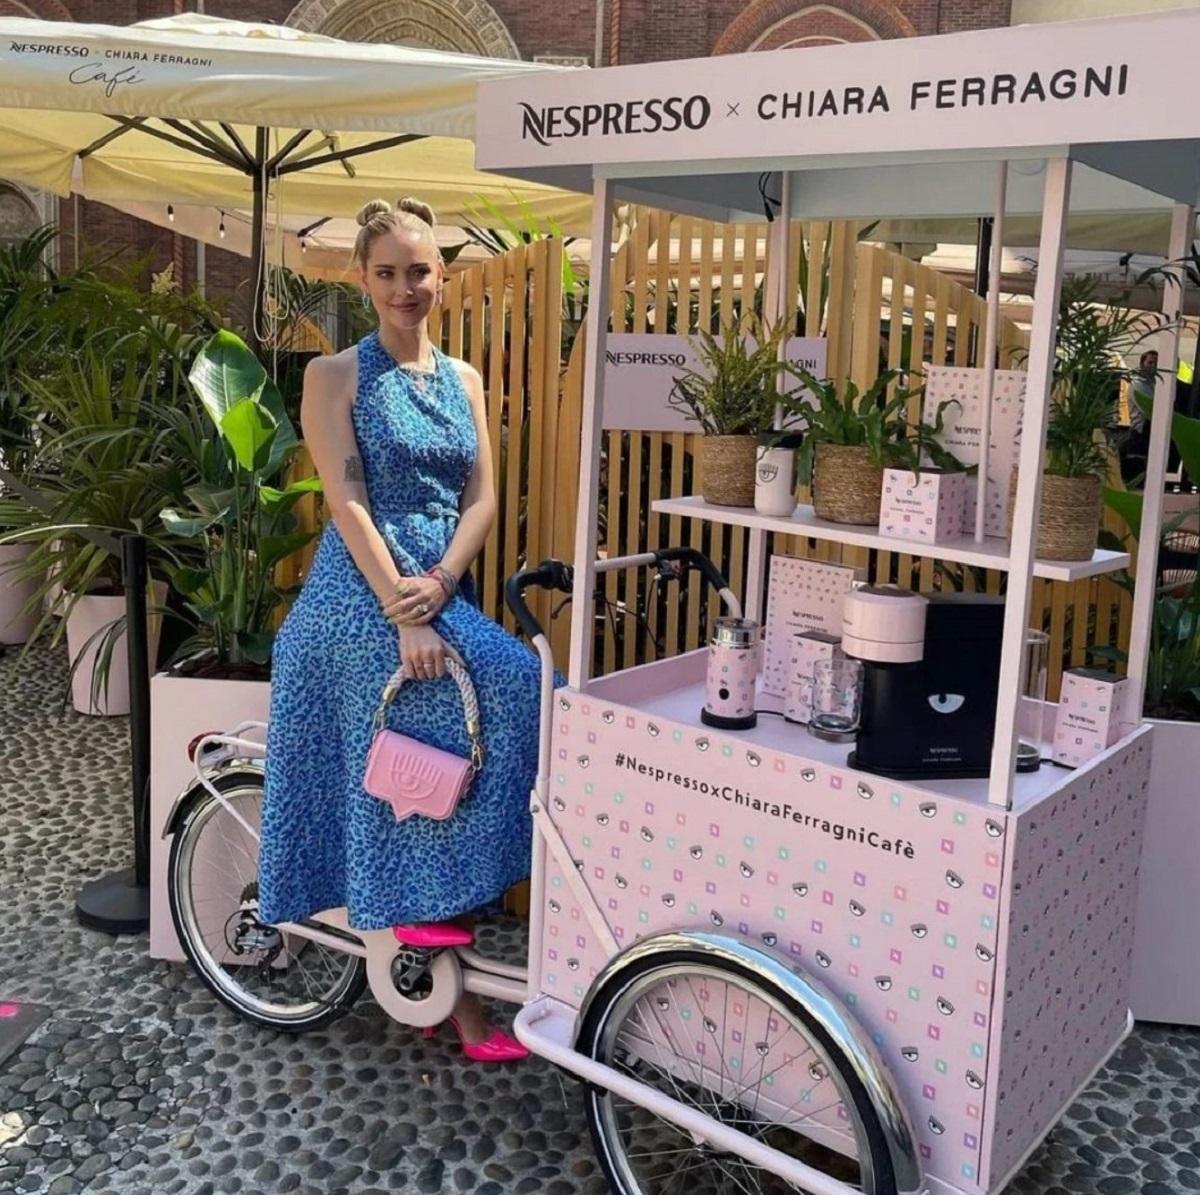 Chiara Ferragni cover lusso prezzo